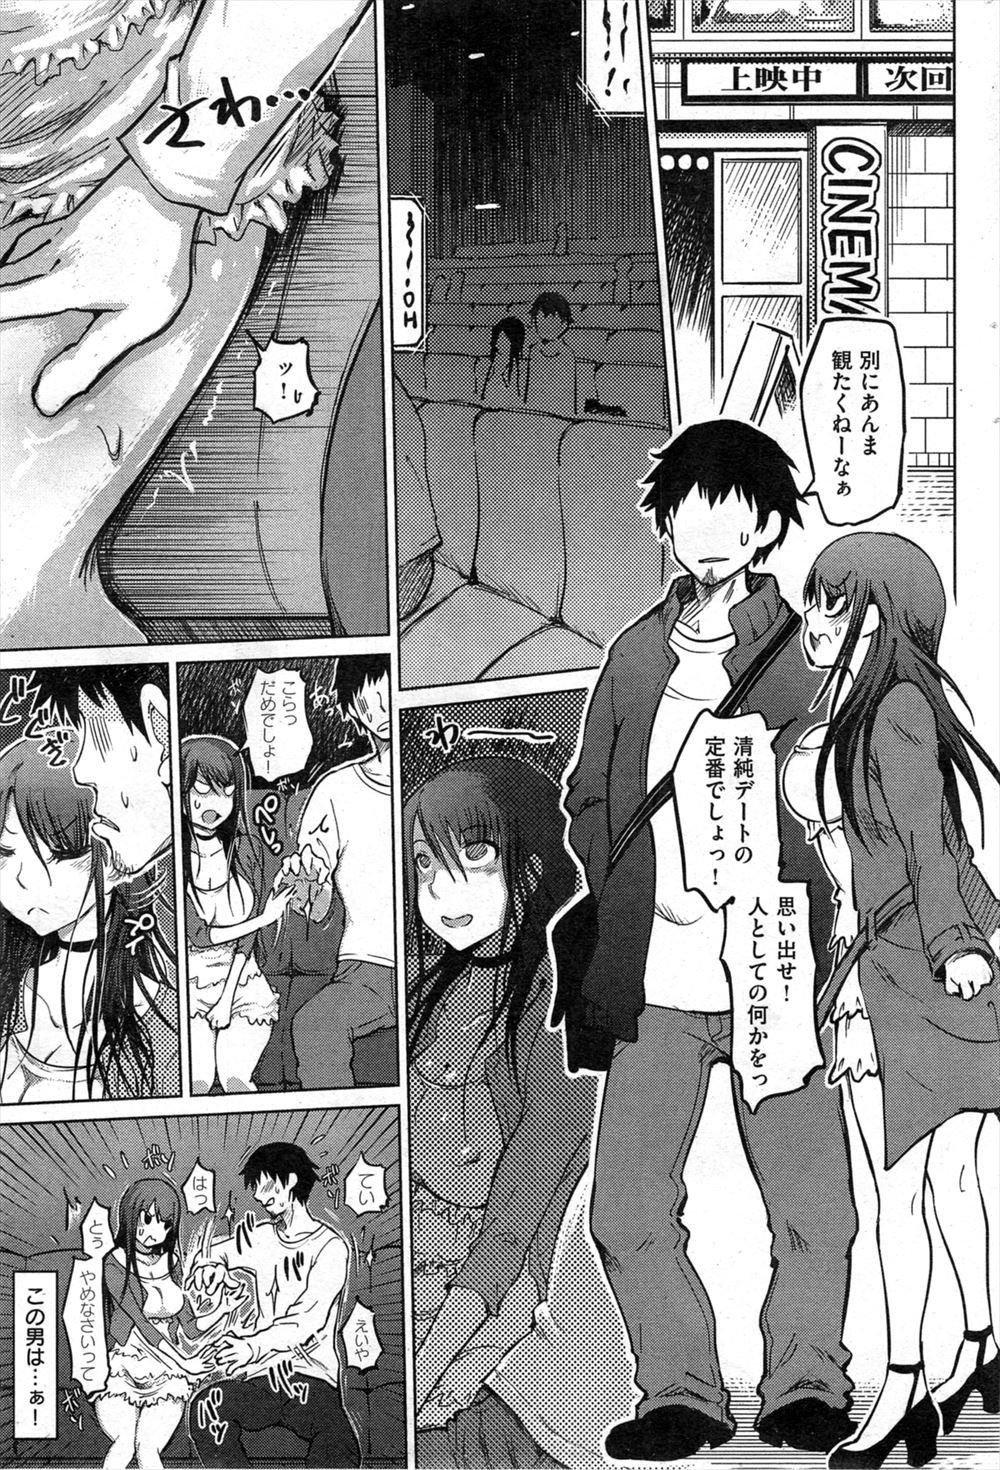 【エロ漫画】絶倫な彼氏に毎日のようにエッチを求められている彼女が普通のデートをしたいと言い出したけど…!